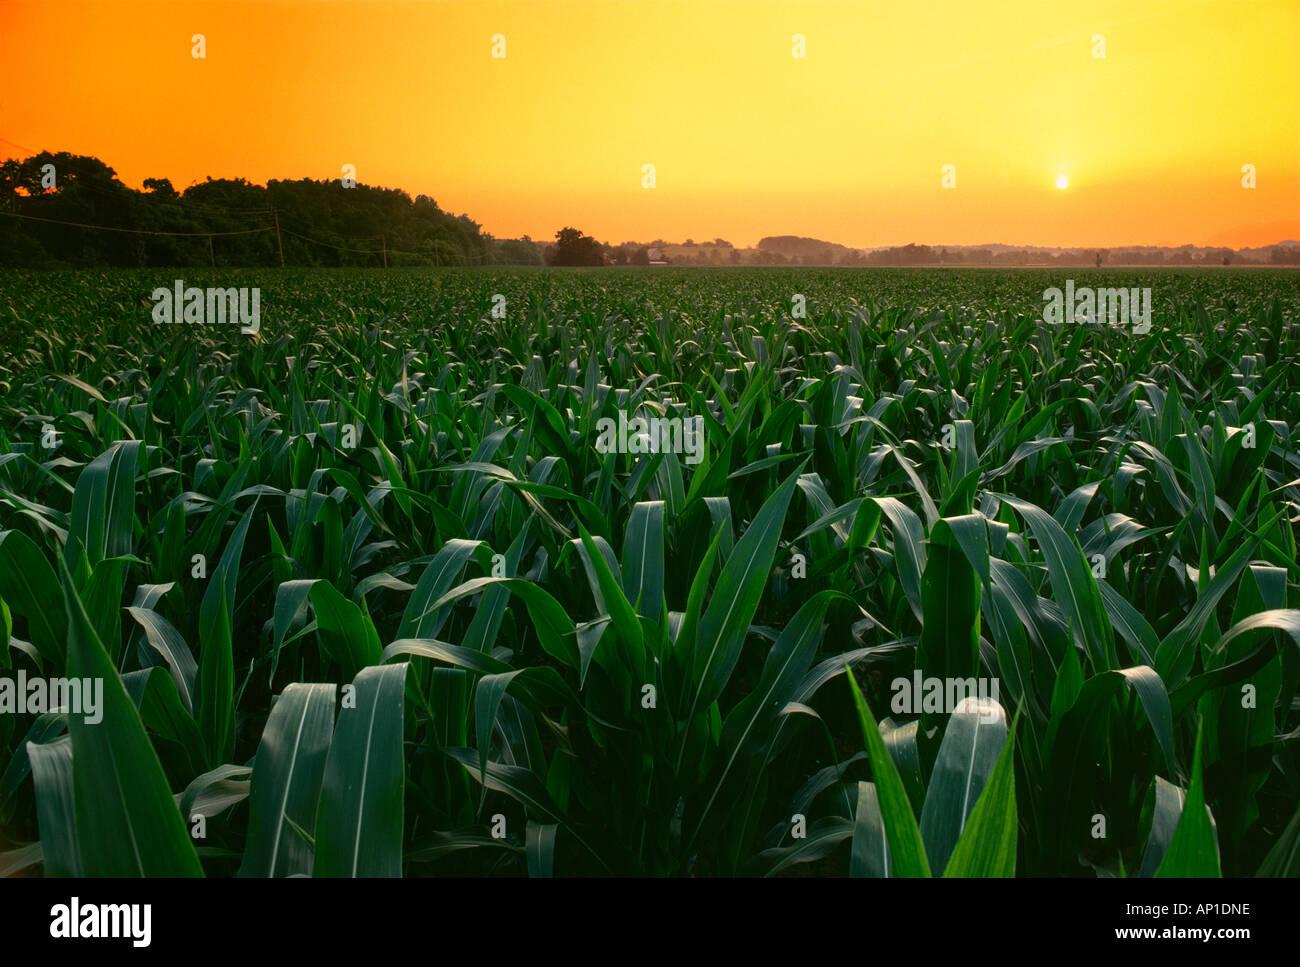 Agricoltura - metà della crescita pre fiocco di grano campo di grano al tramonto con una cascina a distanza / vicino a Maryville, Tennessee, Stati Uniti d'America Immagini Stock